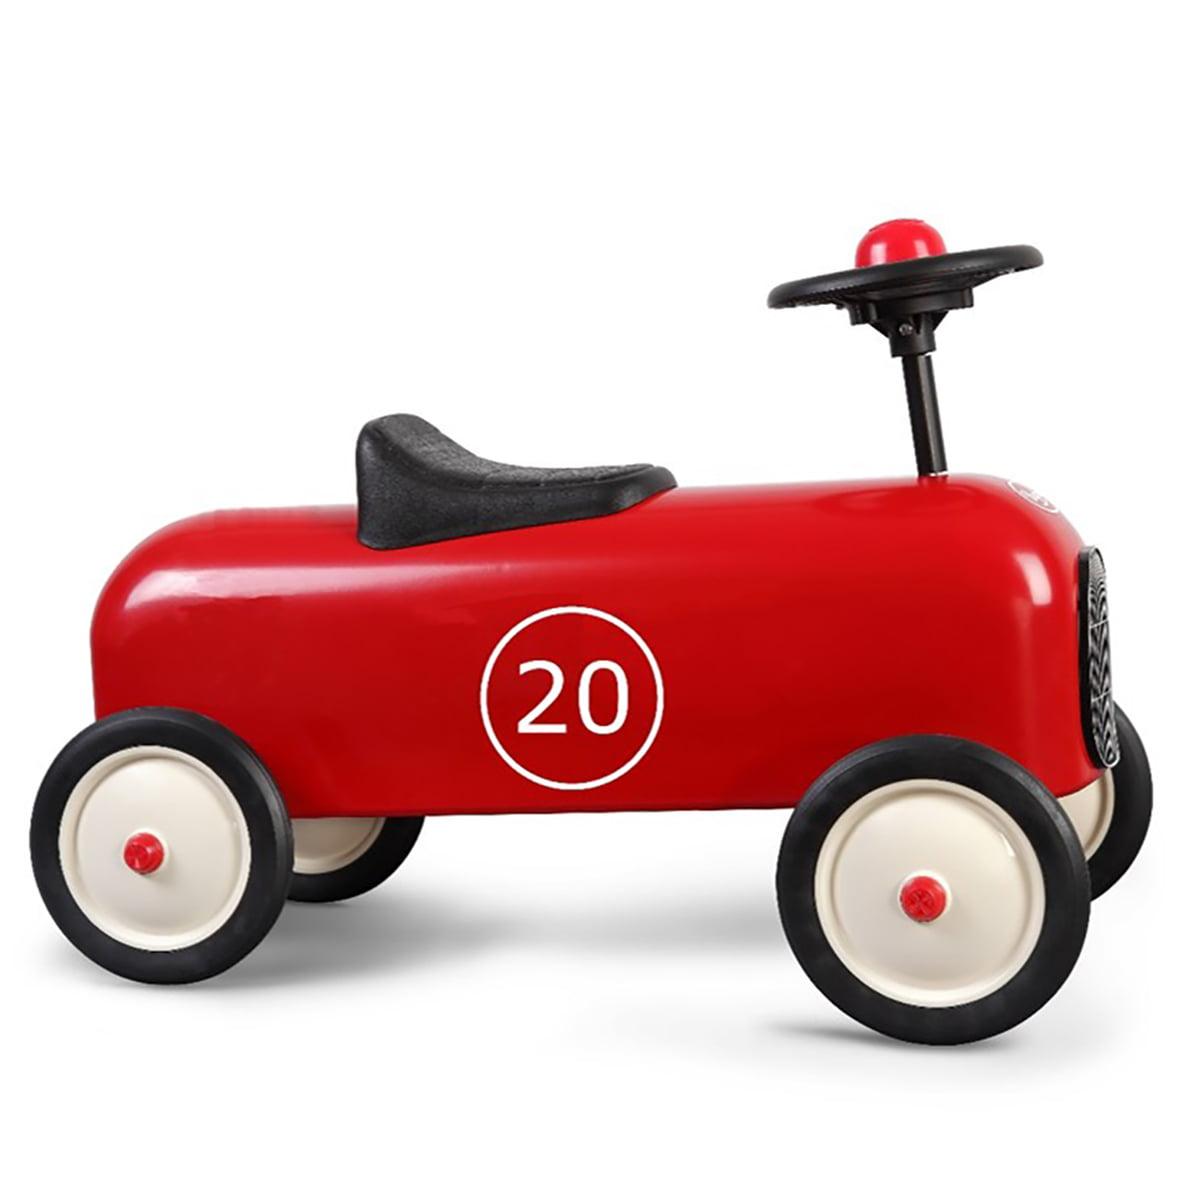 Baghera - Racer Rutschfahrzeug, rot   Kinderzimmer > Spielzeuge > Kinderfahrräder   Rot   Baghera